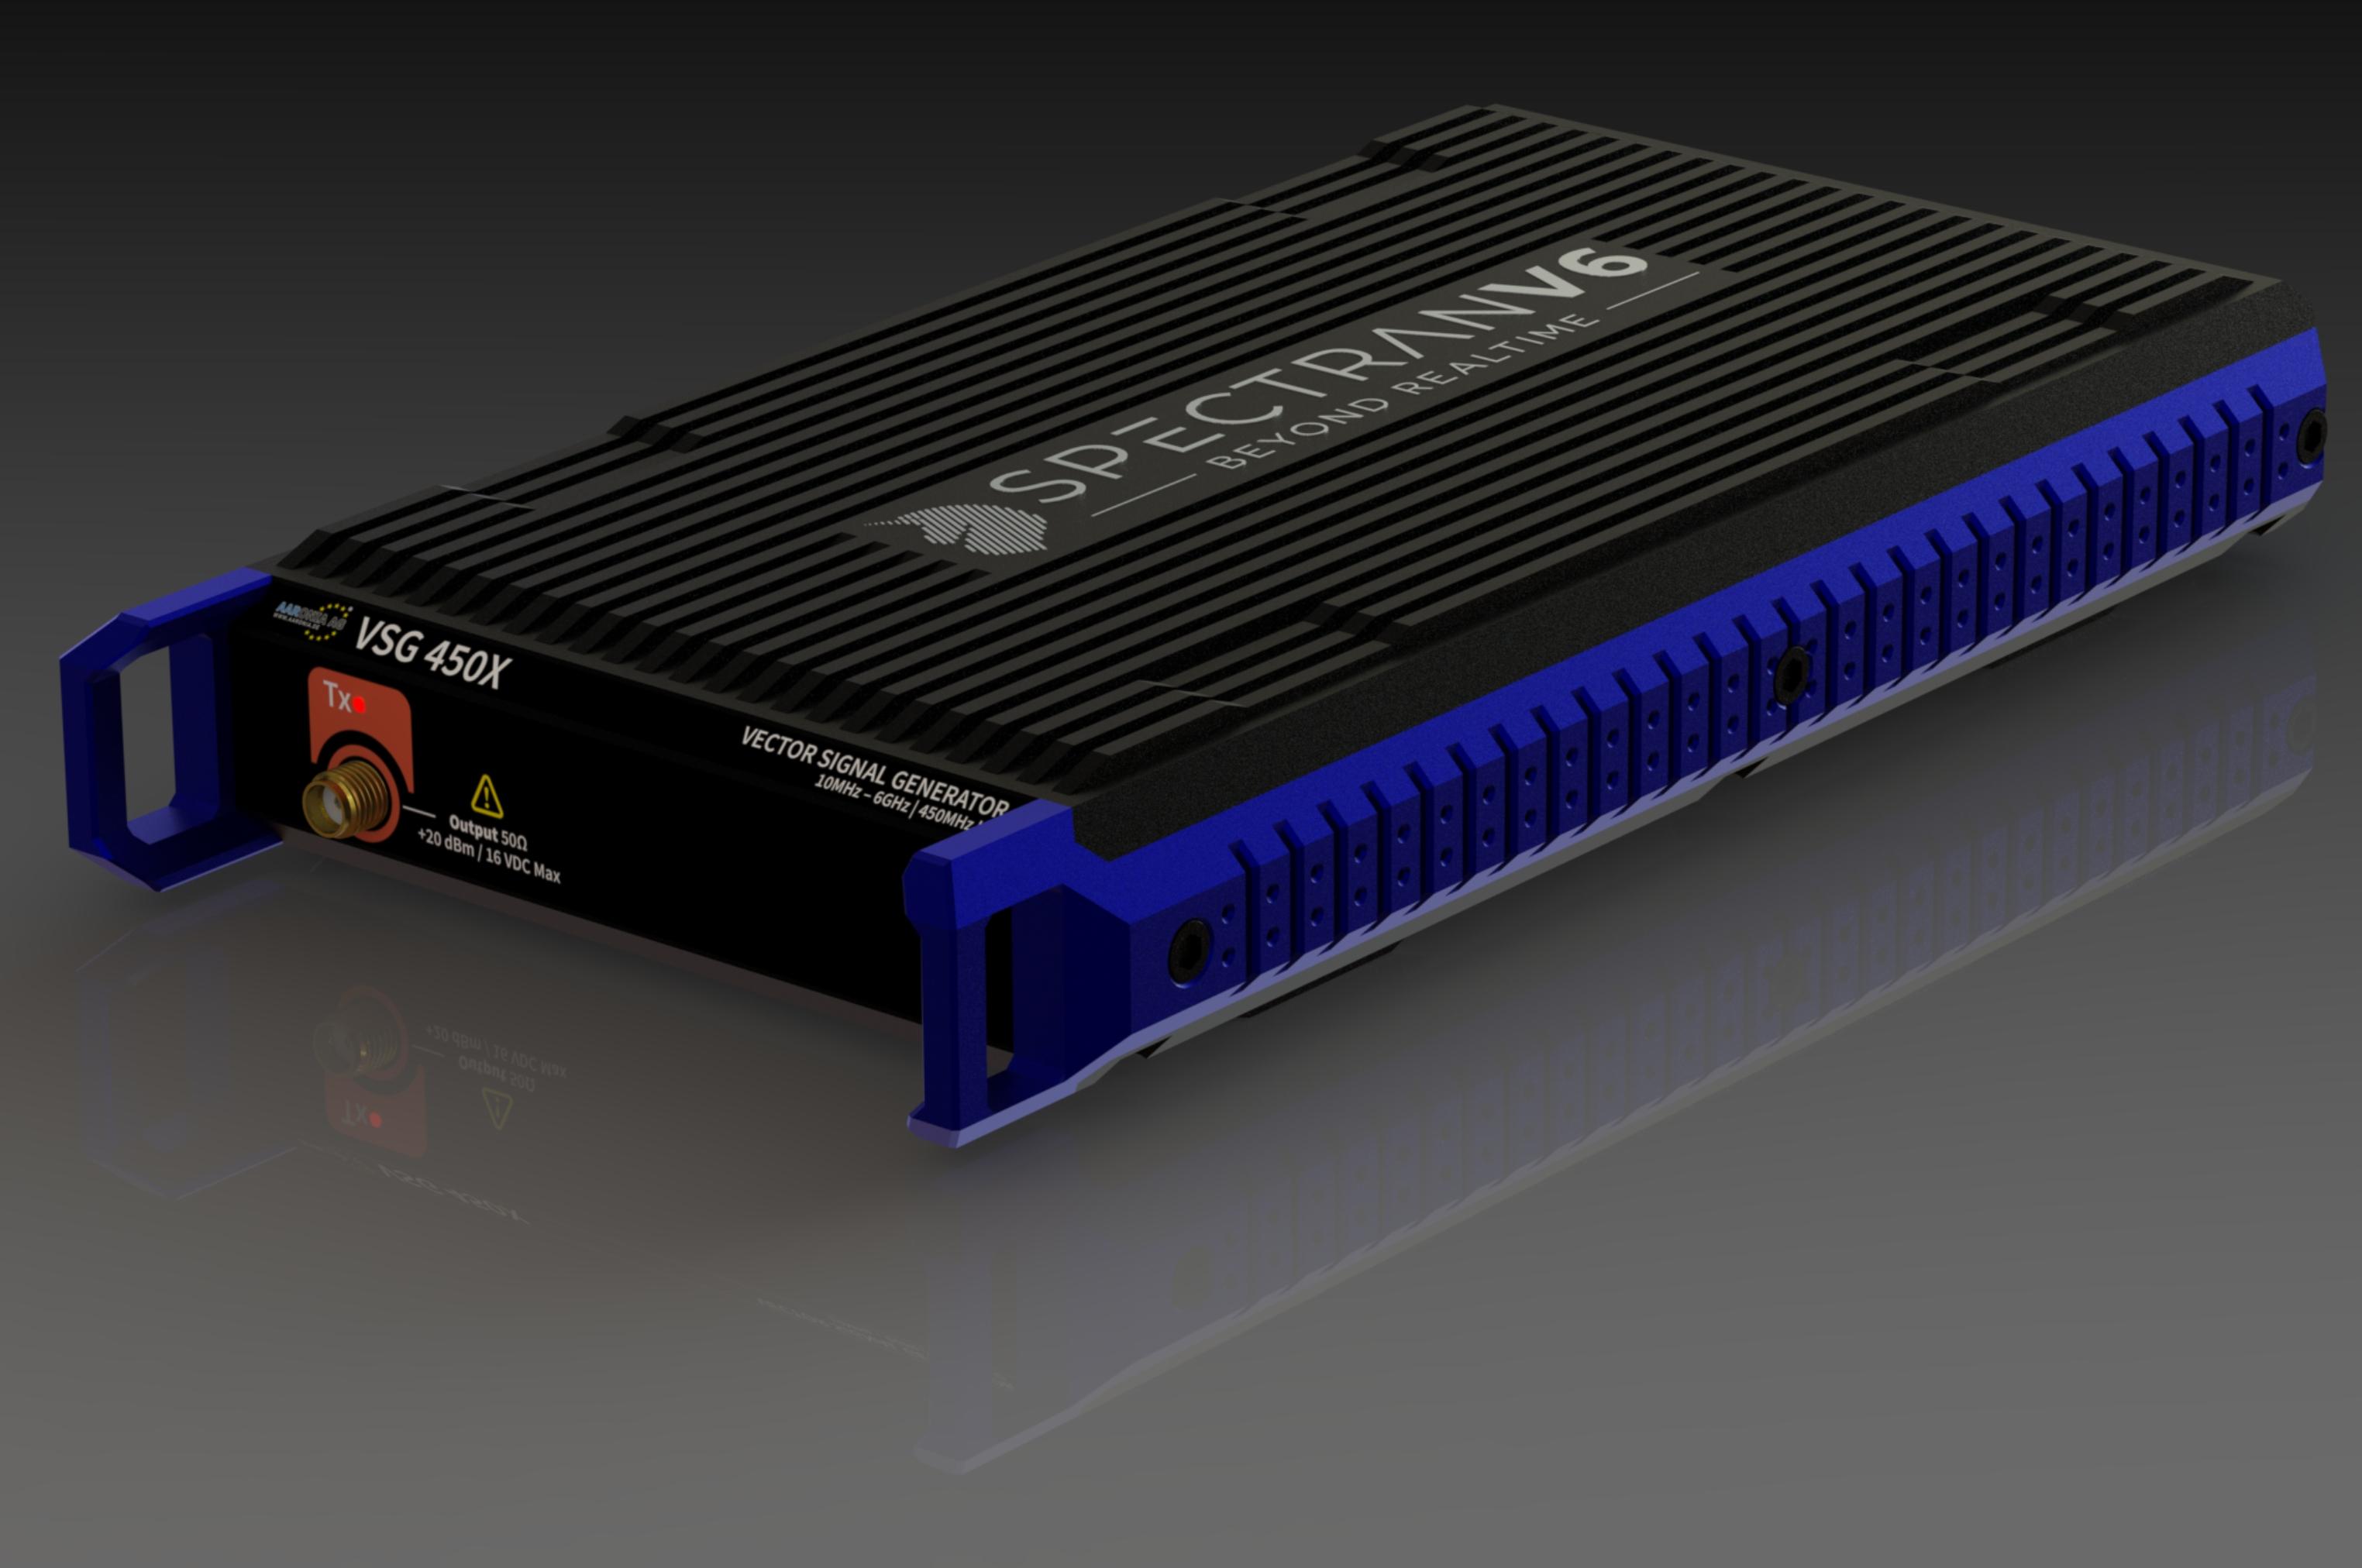 VSG-450X-FrontView.jpg